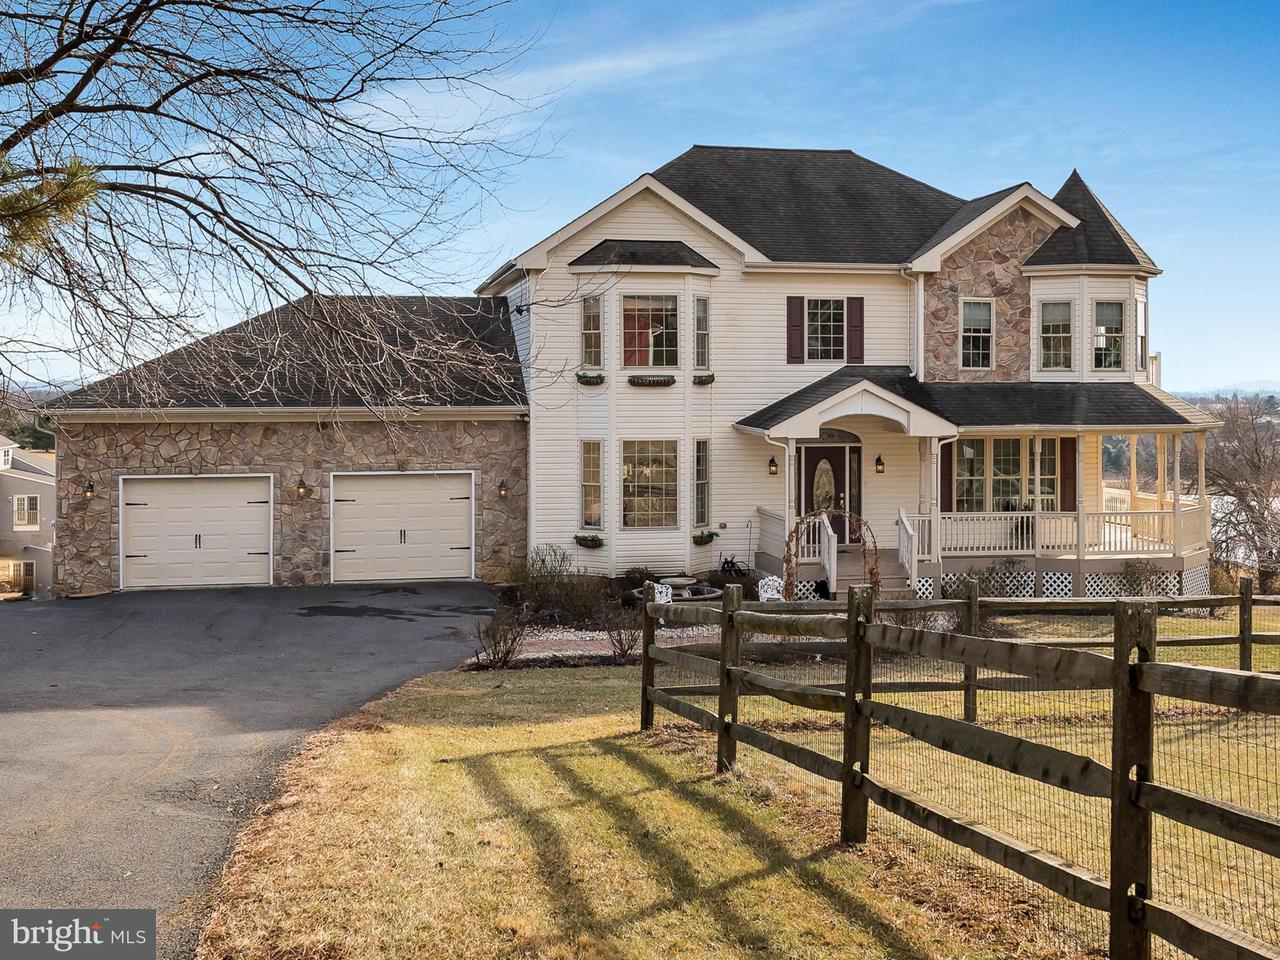 獨棟家庭住宅 為 出售 在 9162 Myersville Road 9162 Myersville Road Myersville, 馬里蘭州 21773 美國